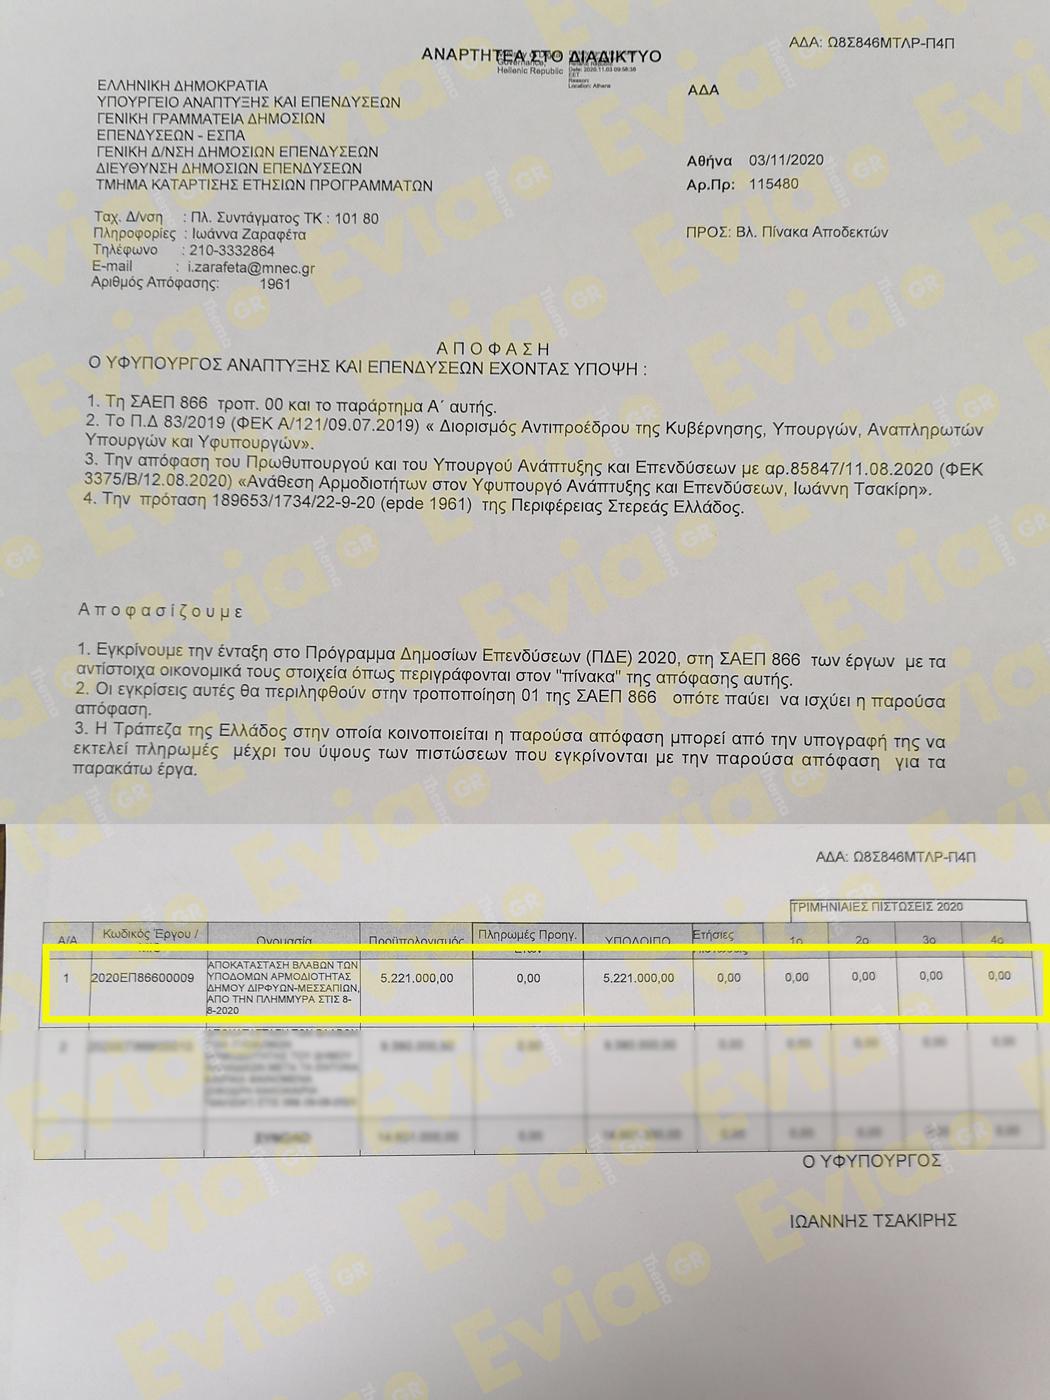 Δήμος Διρφύων Μεσσαπίων Πρόγραμμα Δημοσίων επενδύσεων